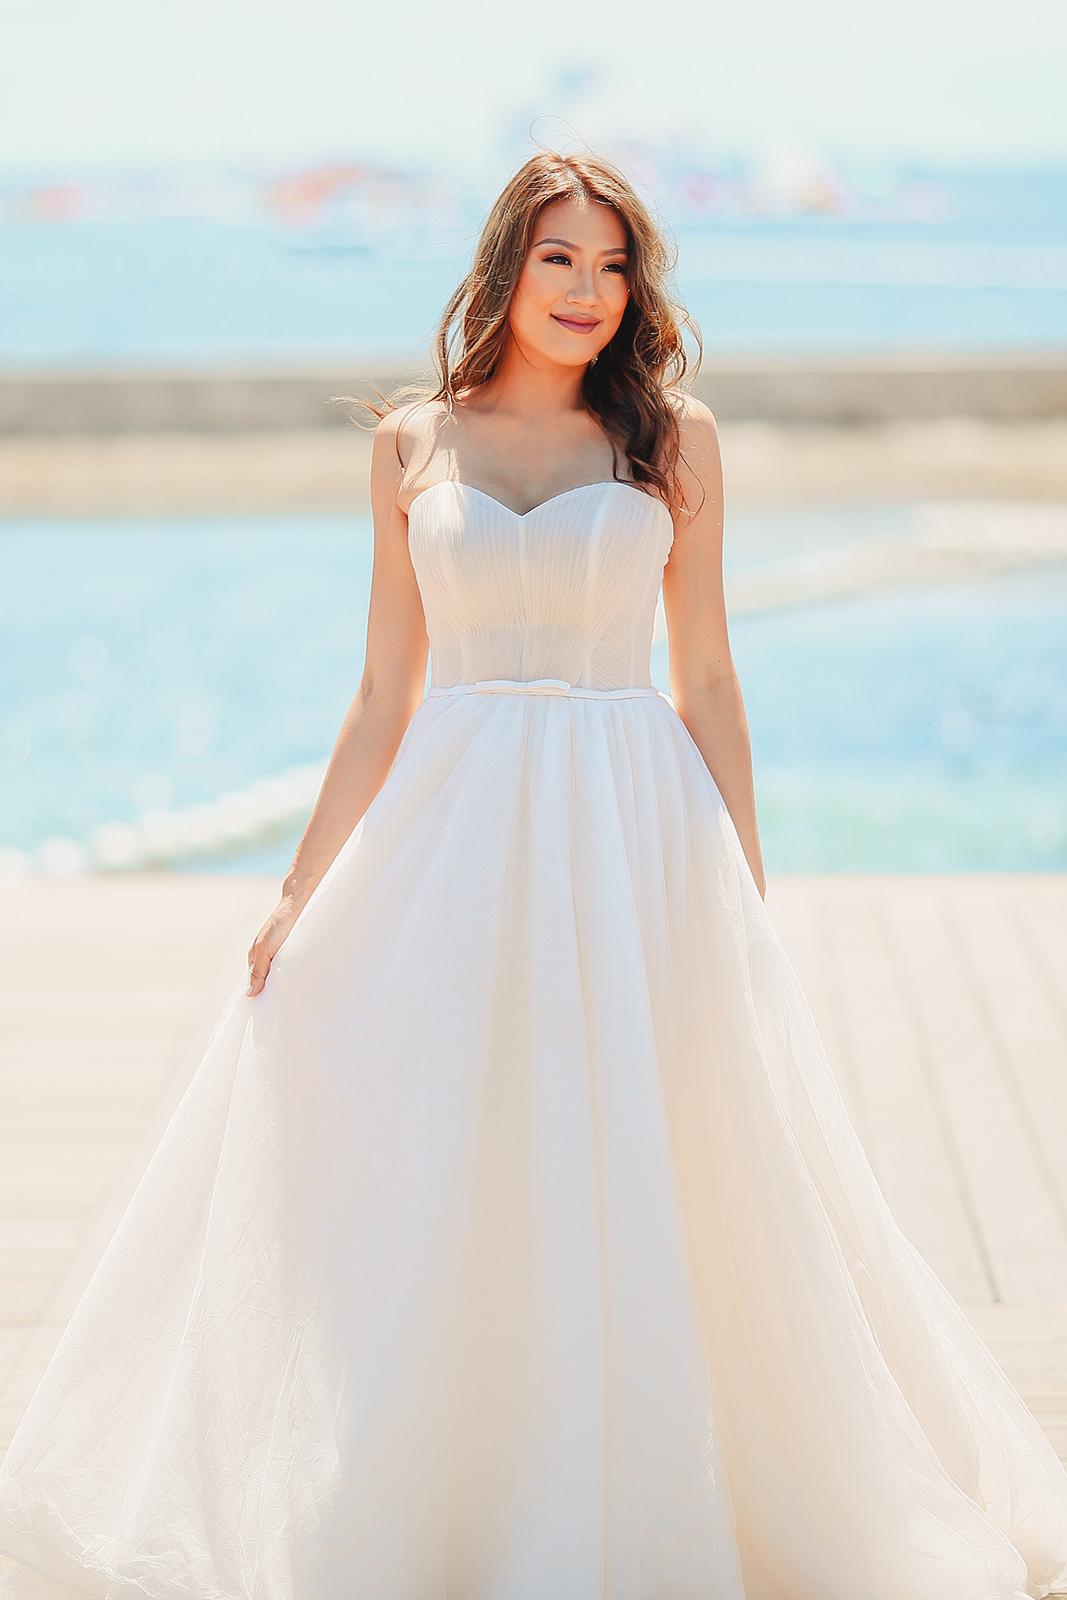 Costabella Resort Pre-Wedding